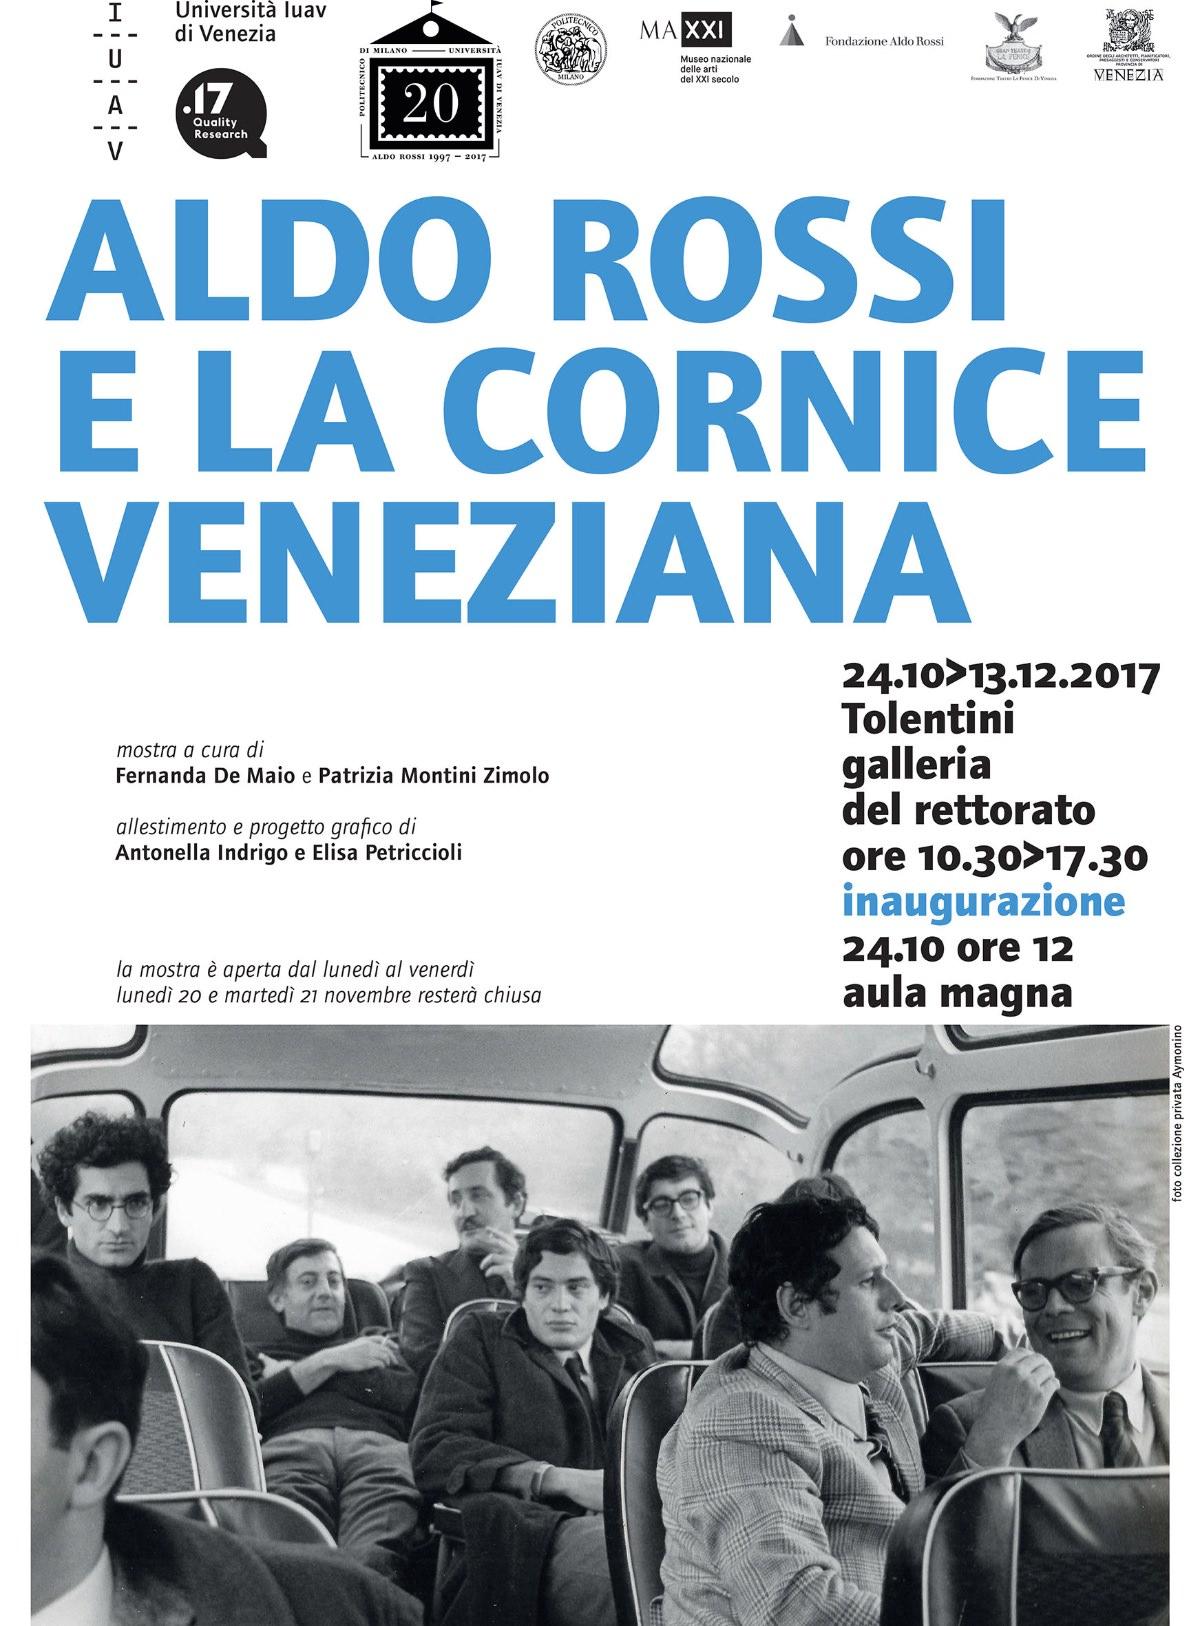 Aldo Rossi e la cornice veneziana